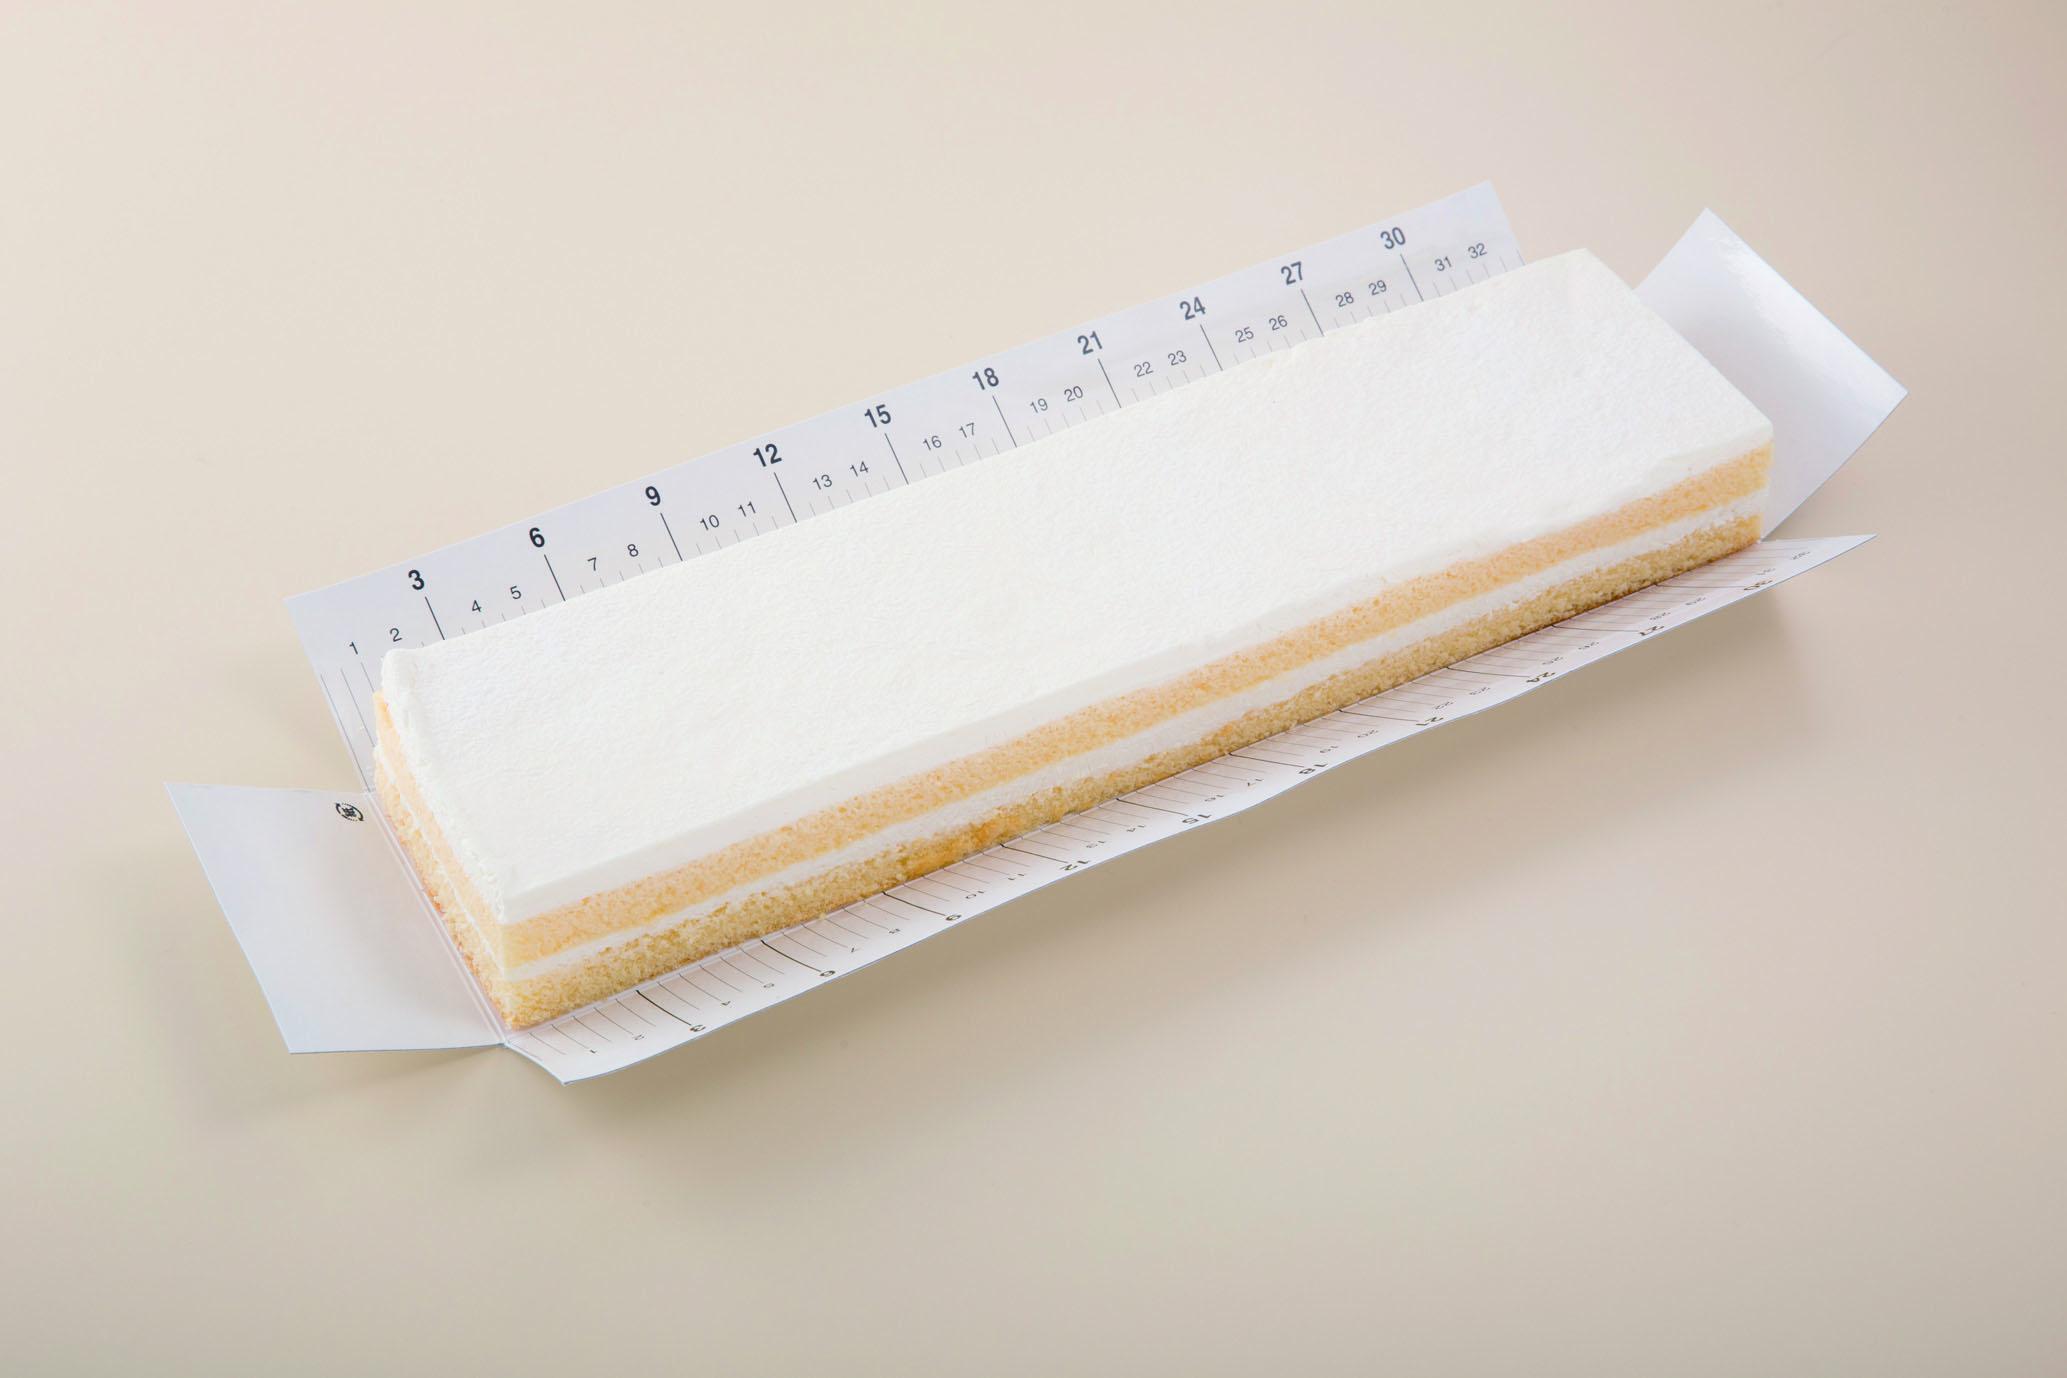 フリーカットケーキ フロマージュブラン